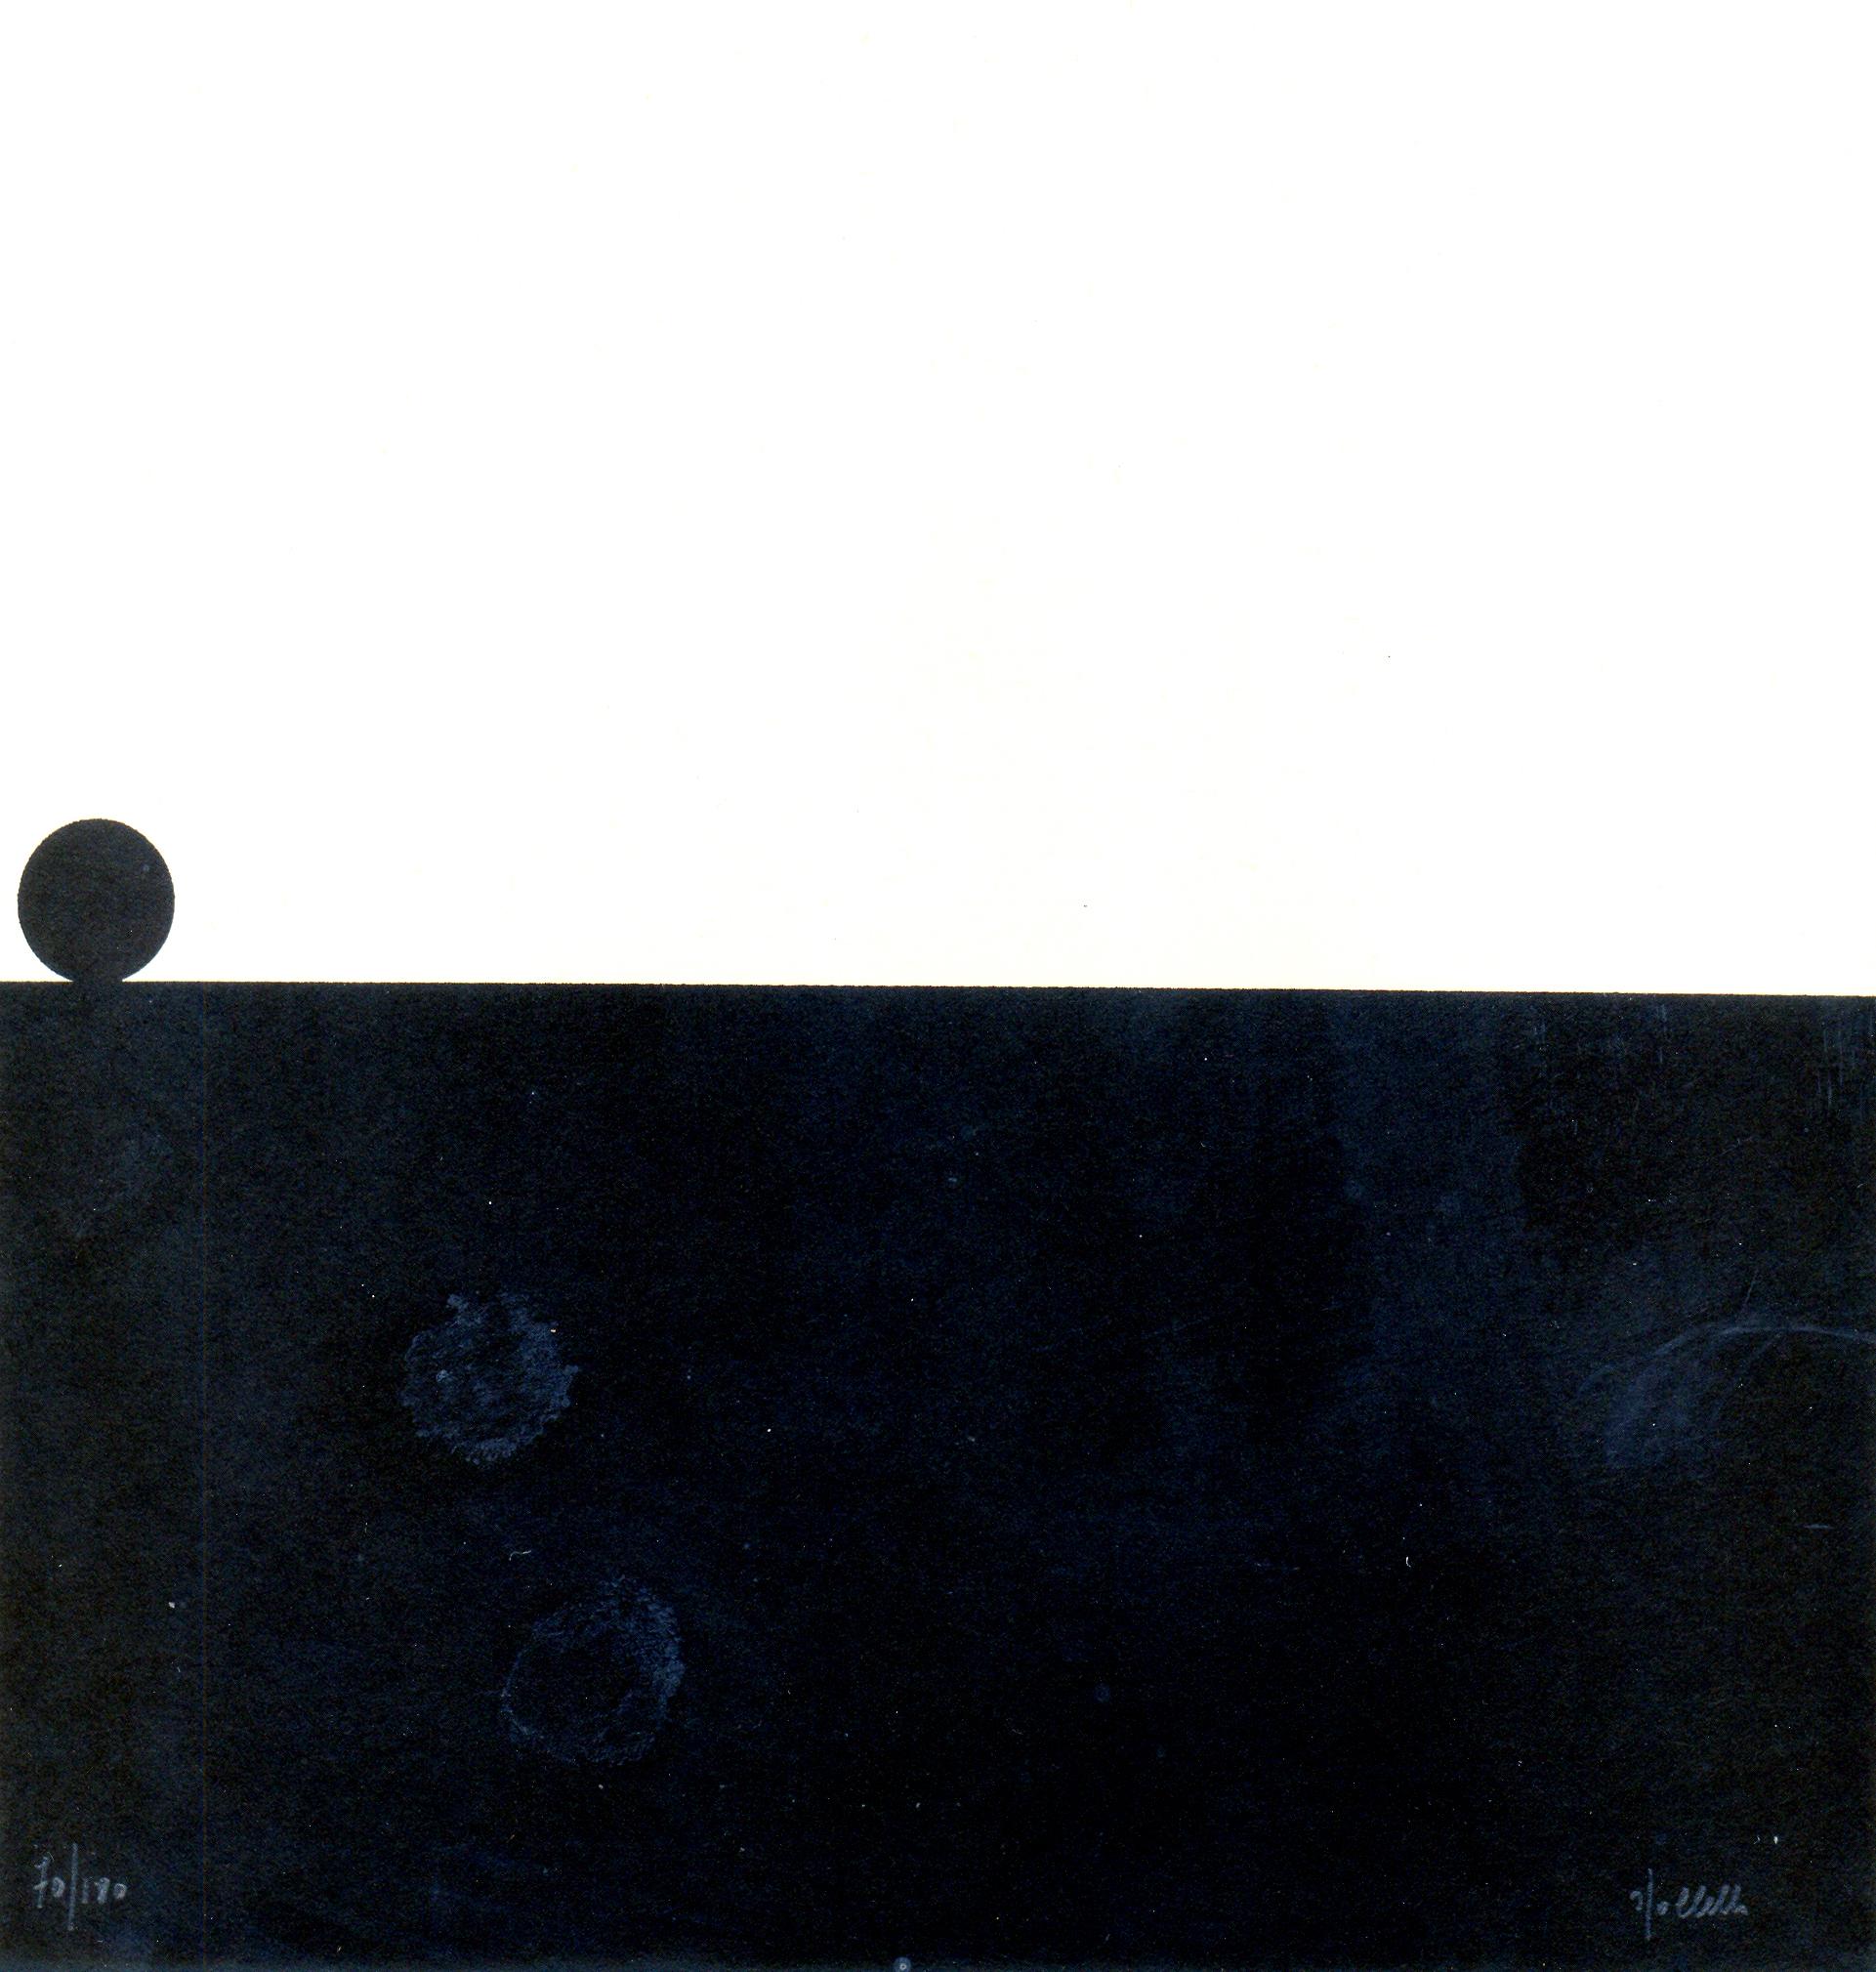 Ettore-Spalletti_Senza titolo_serigrafia_23 x 23 cm_2011